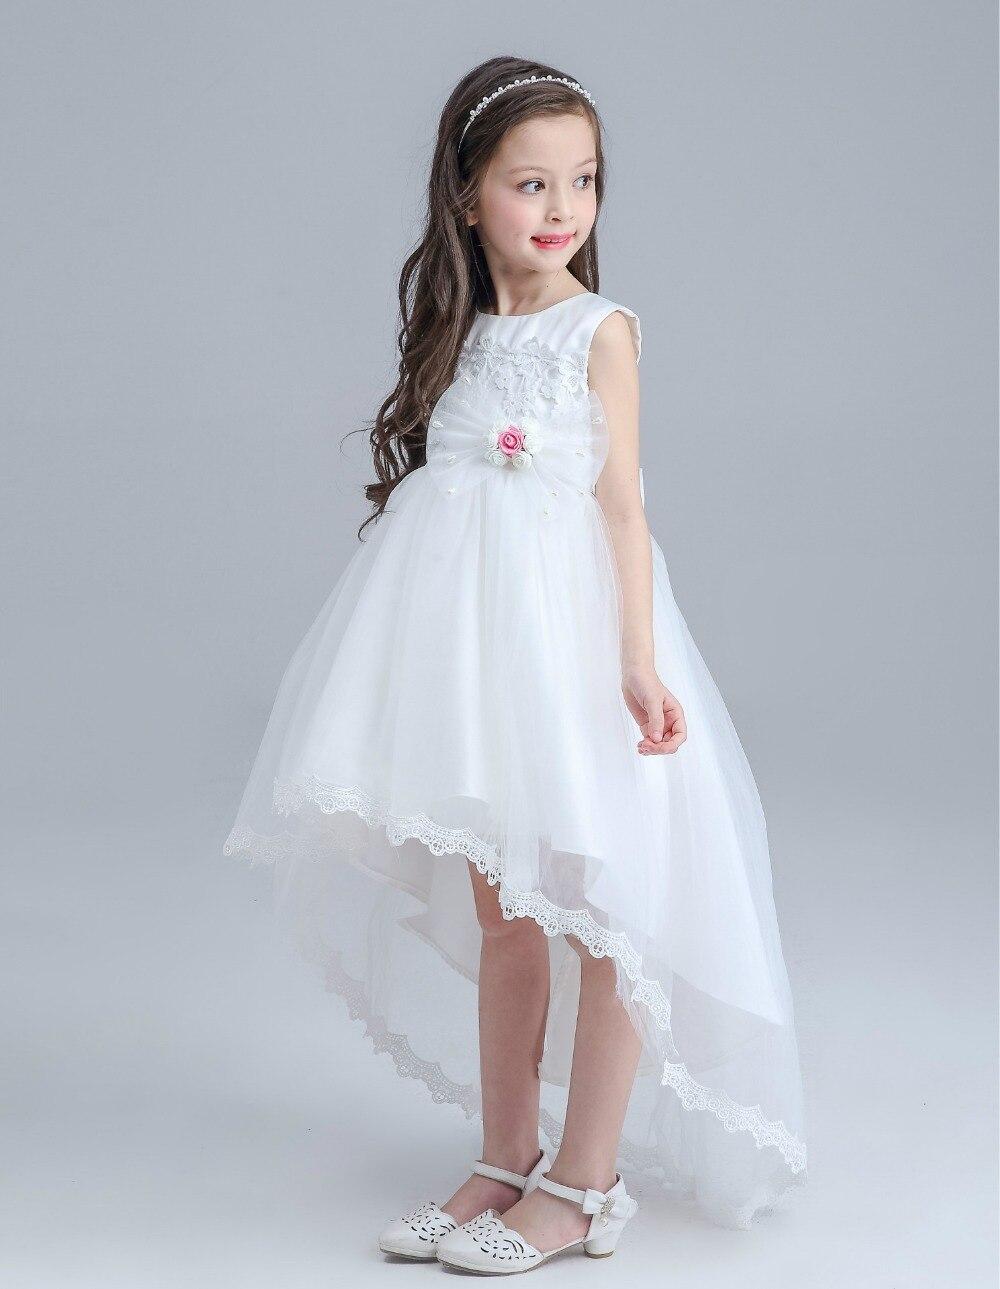 Cute White Dresses For Party Photos - Wedding Ideas - memiocall.com